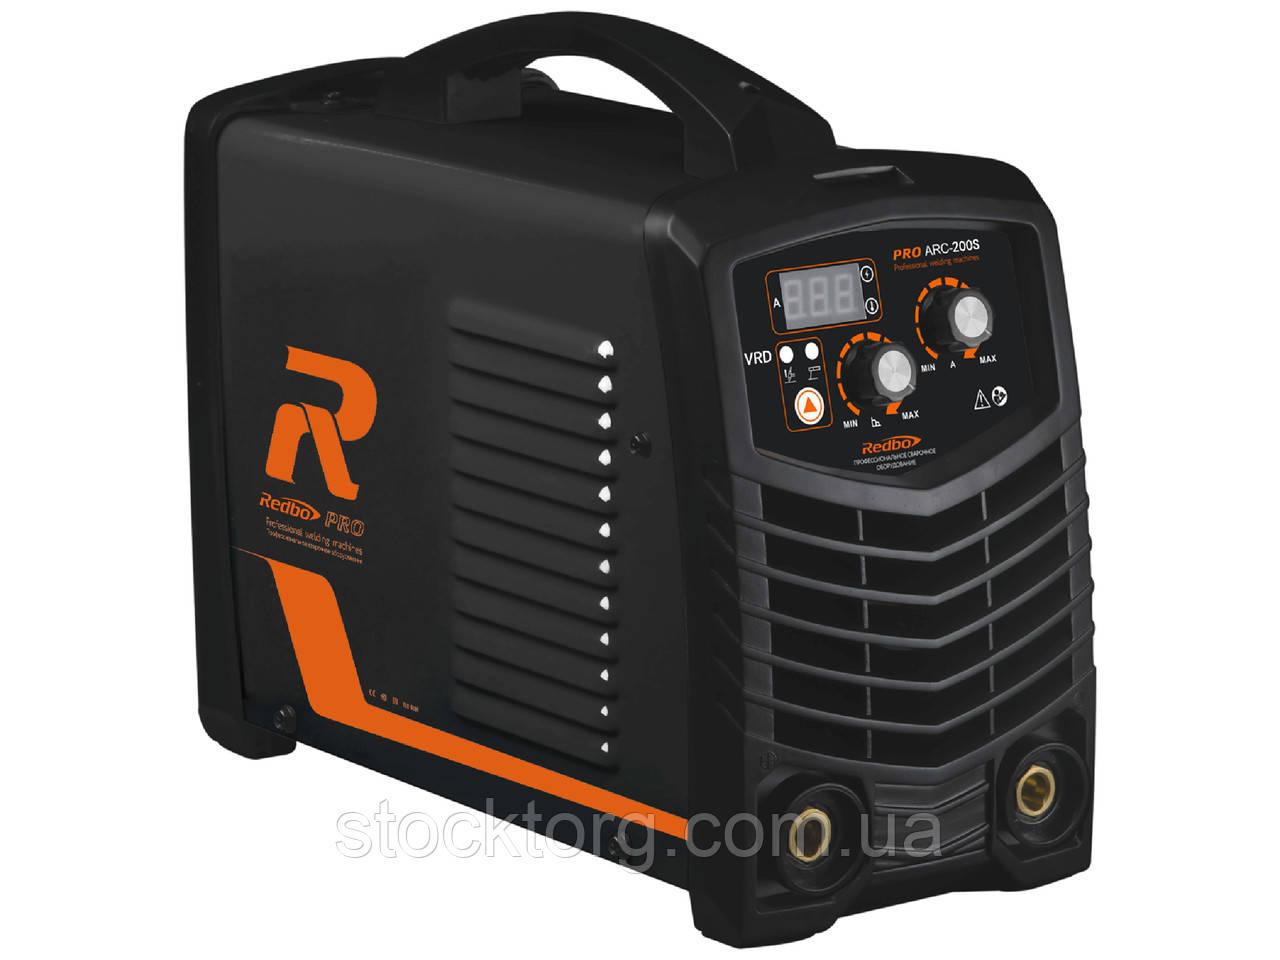 Зварювальний інвертор Redbo PRO ARC-250